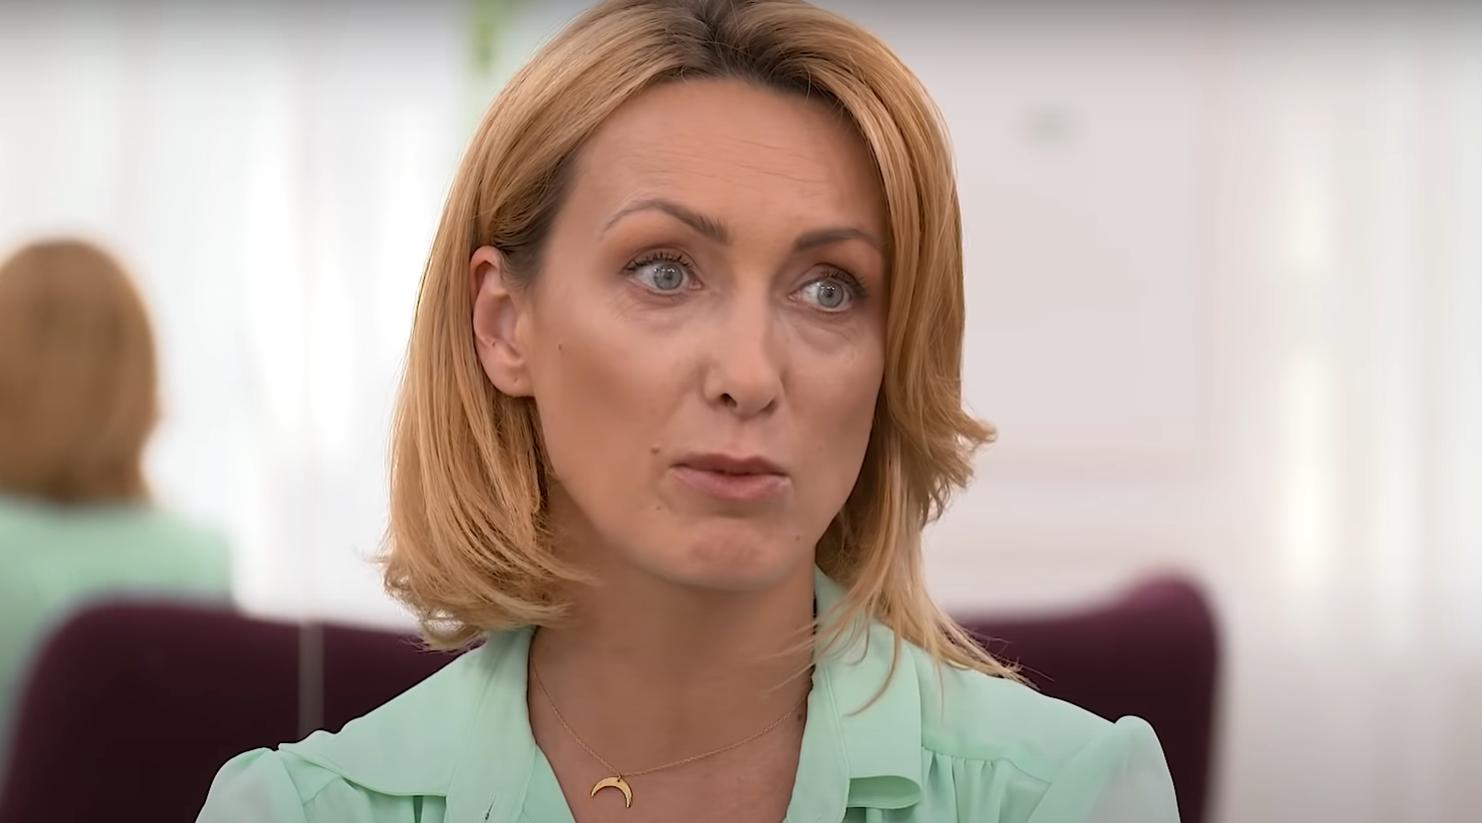 Anna Kalczyńska, jedna z prowadzących poranny program Dzień Dobry TVN, wypowiedziała się w serwisie Twitter na temat LGBT, wywołała burzę.